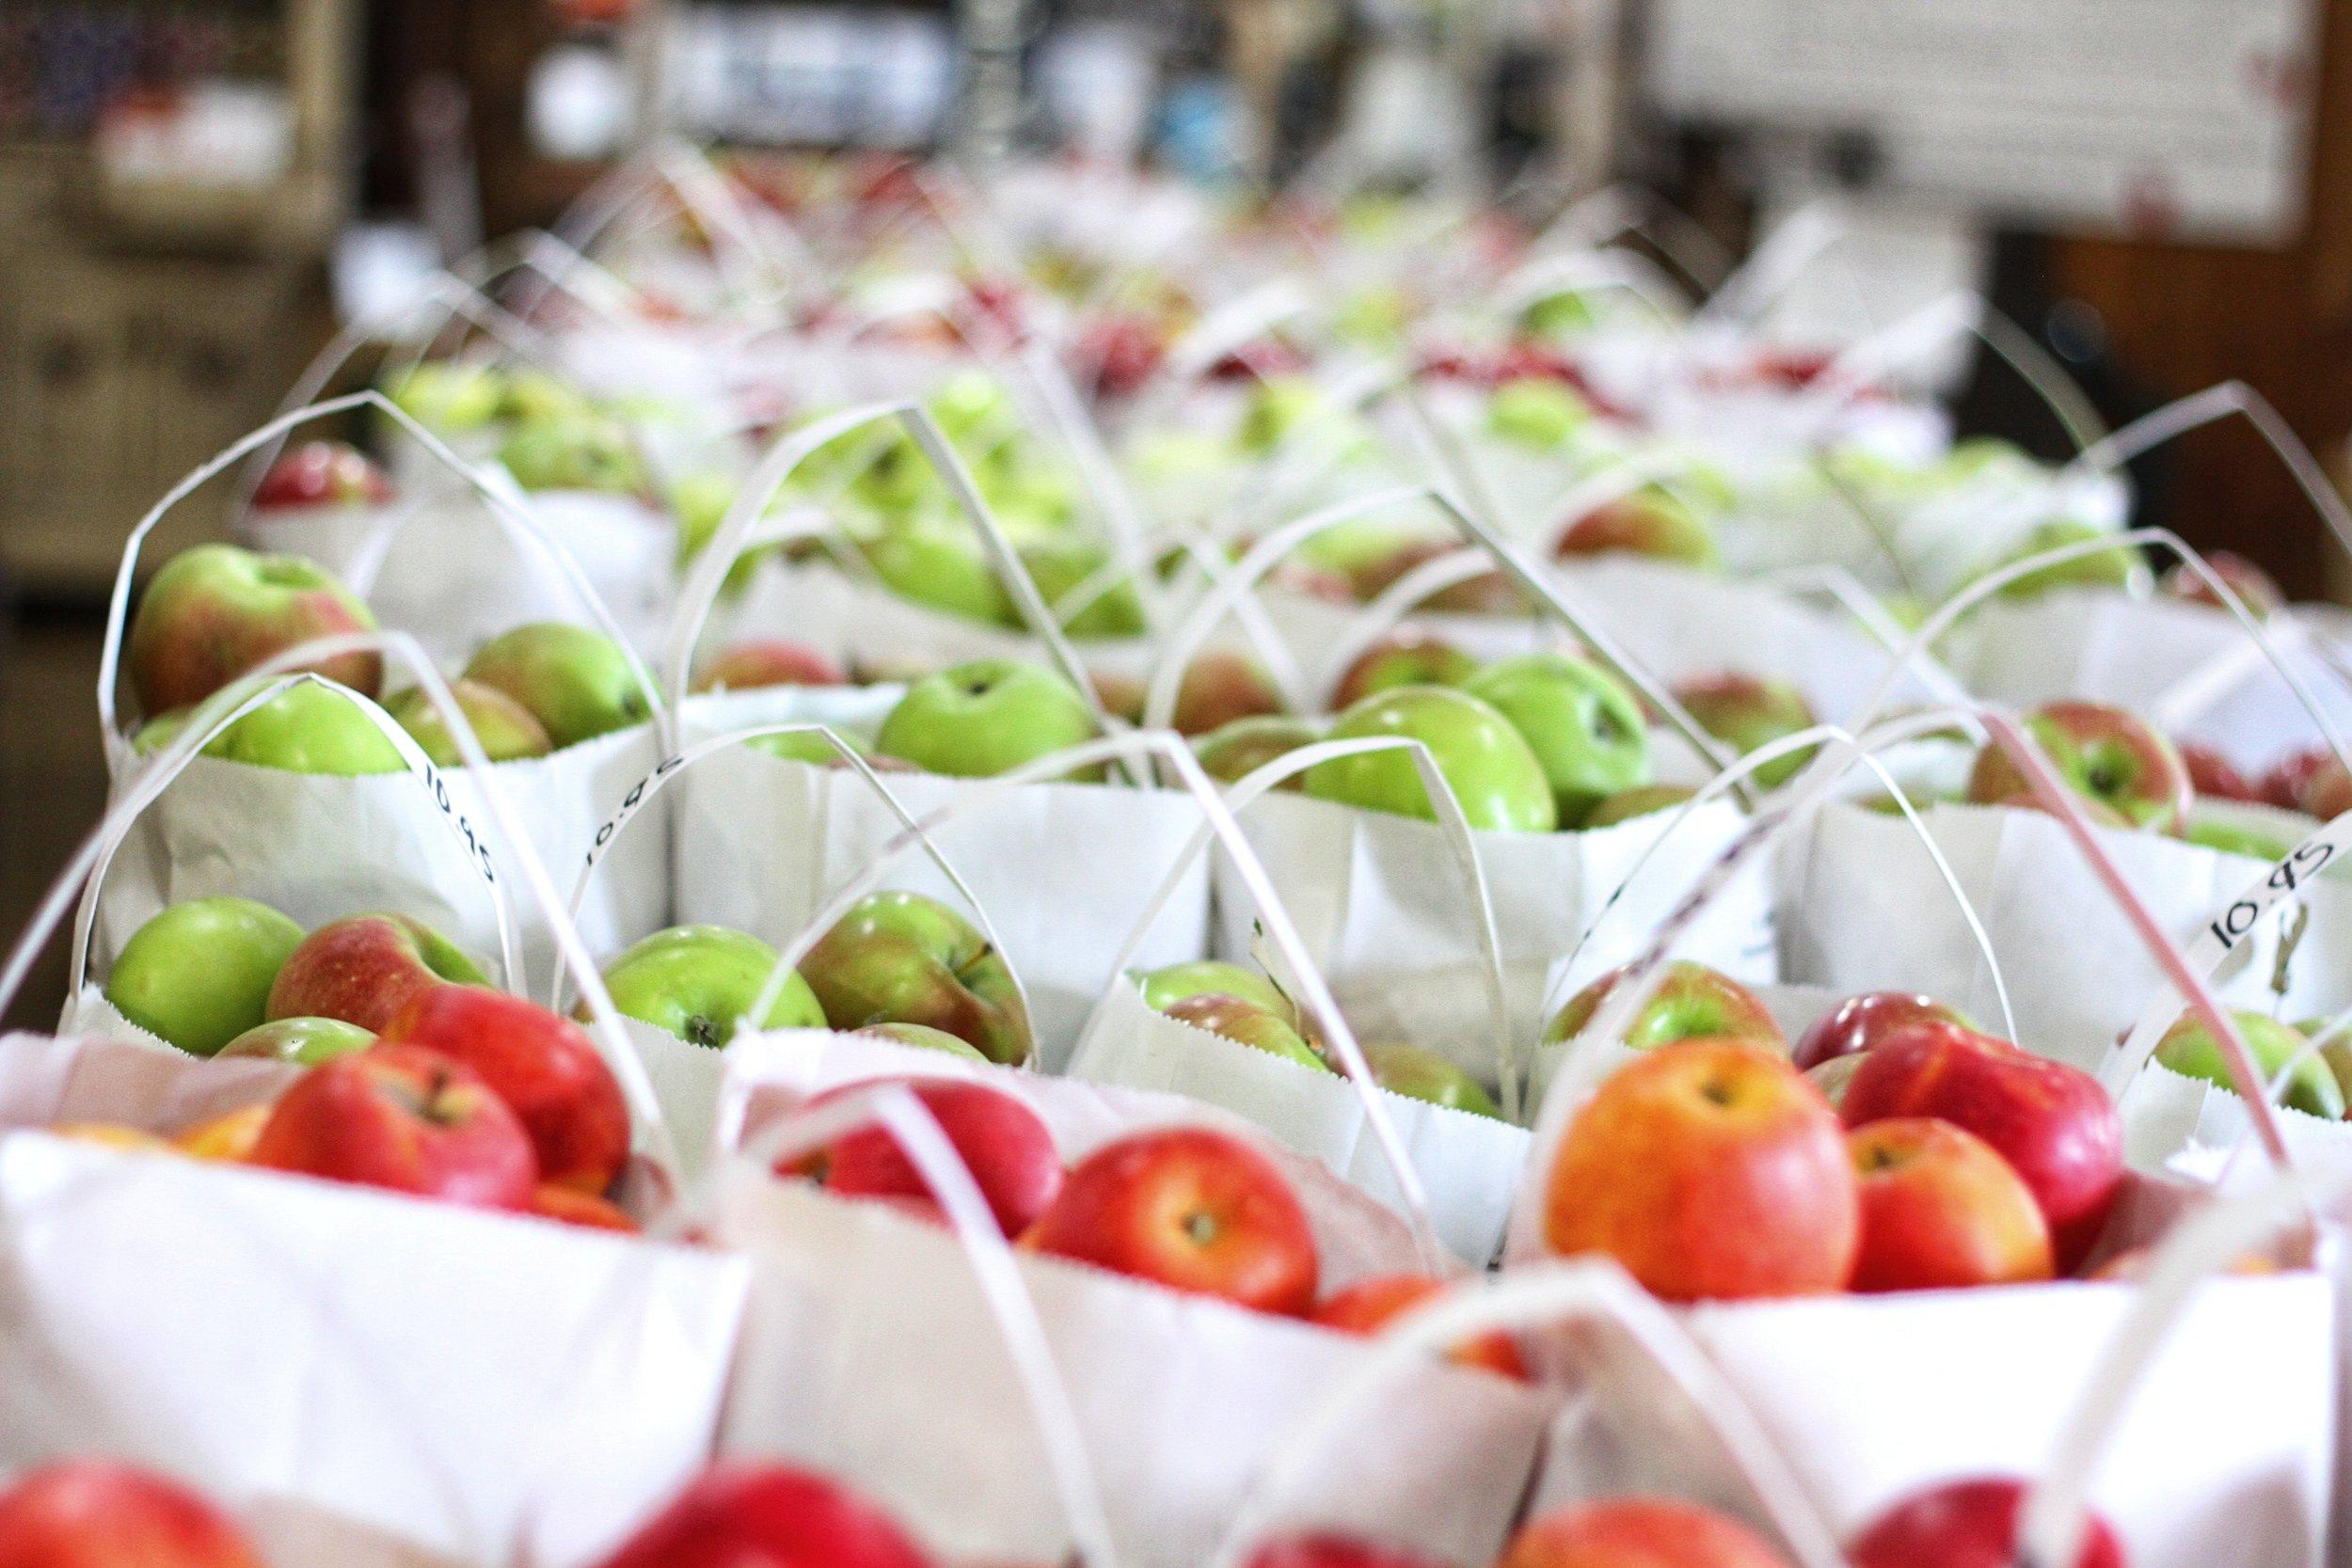 apple-apple-season-apples-1468432.jpg